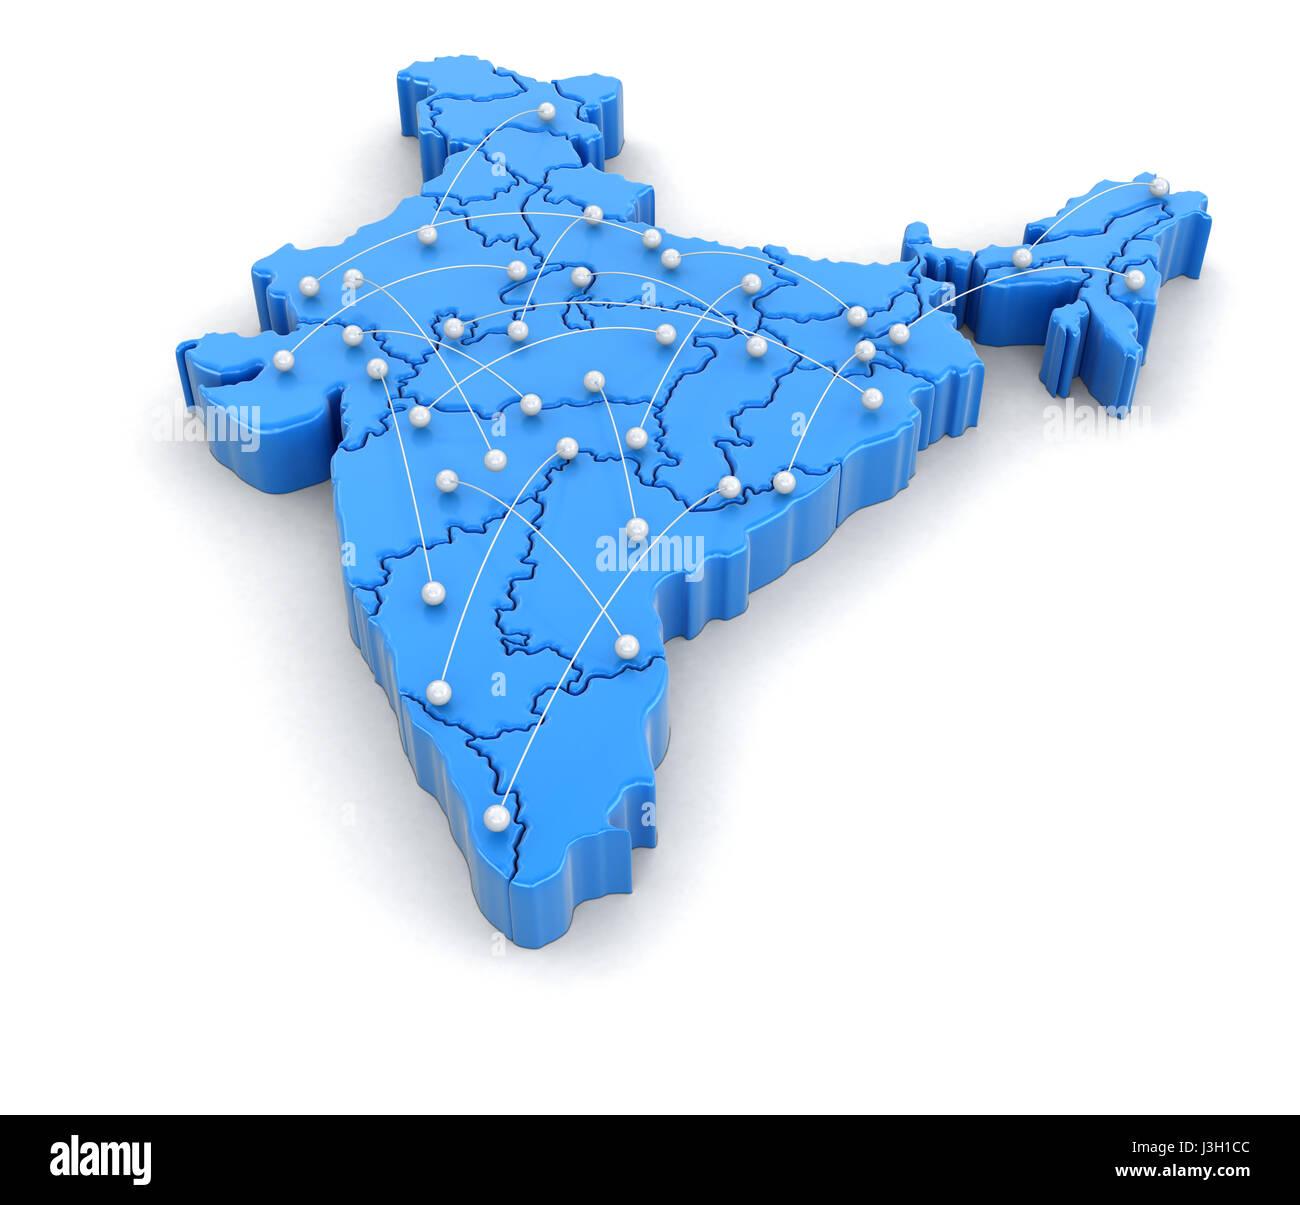 Flugrouten Karte.Karte Von Indien Mit Flugrouten Bild Mit Beschneidungspfad